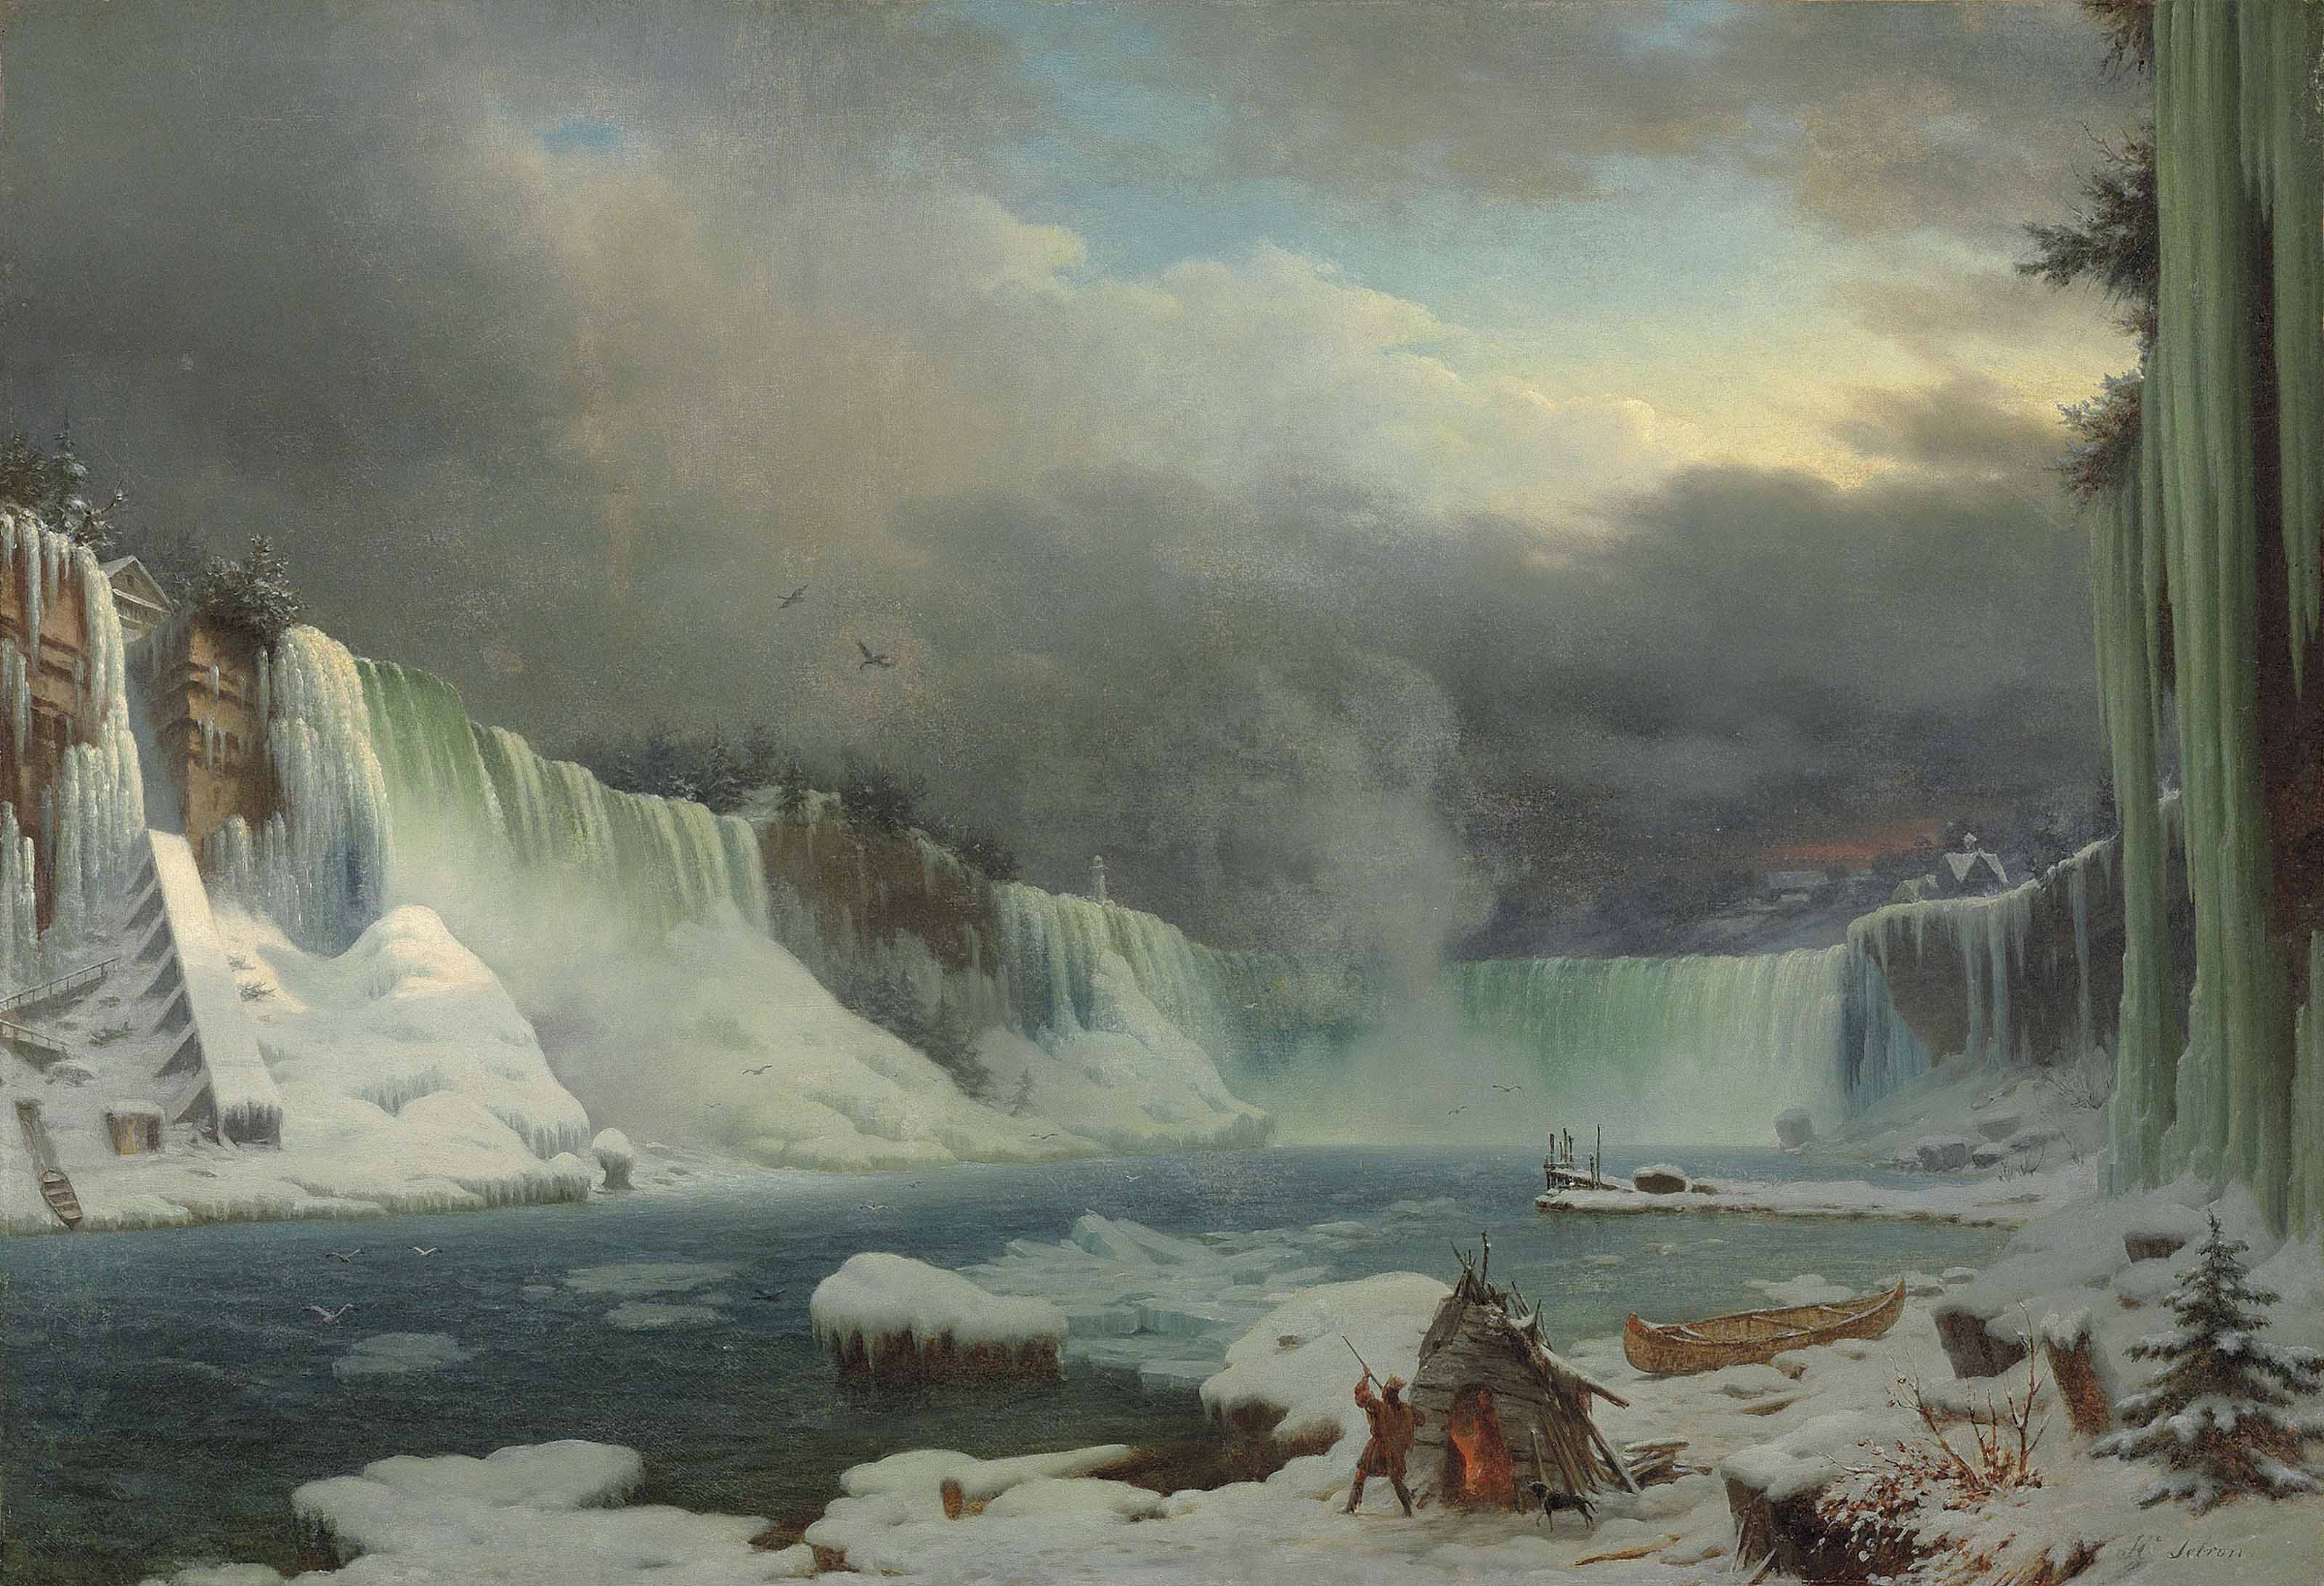 The Niagara Falls in winter